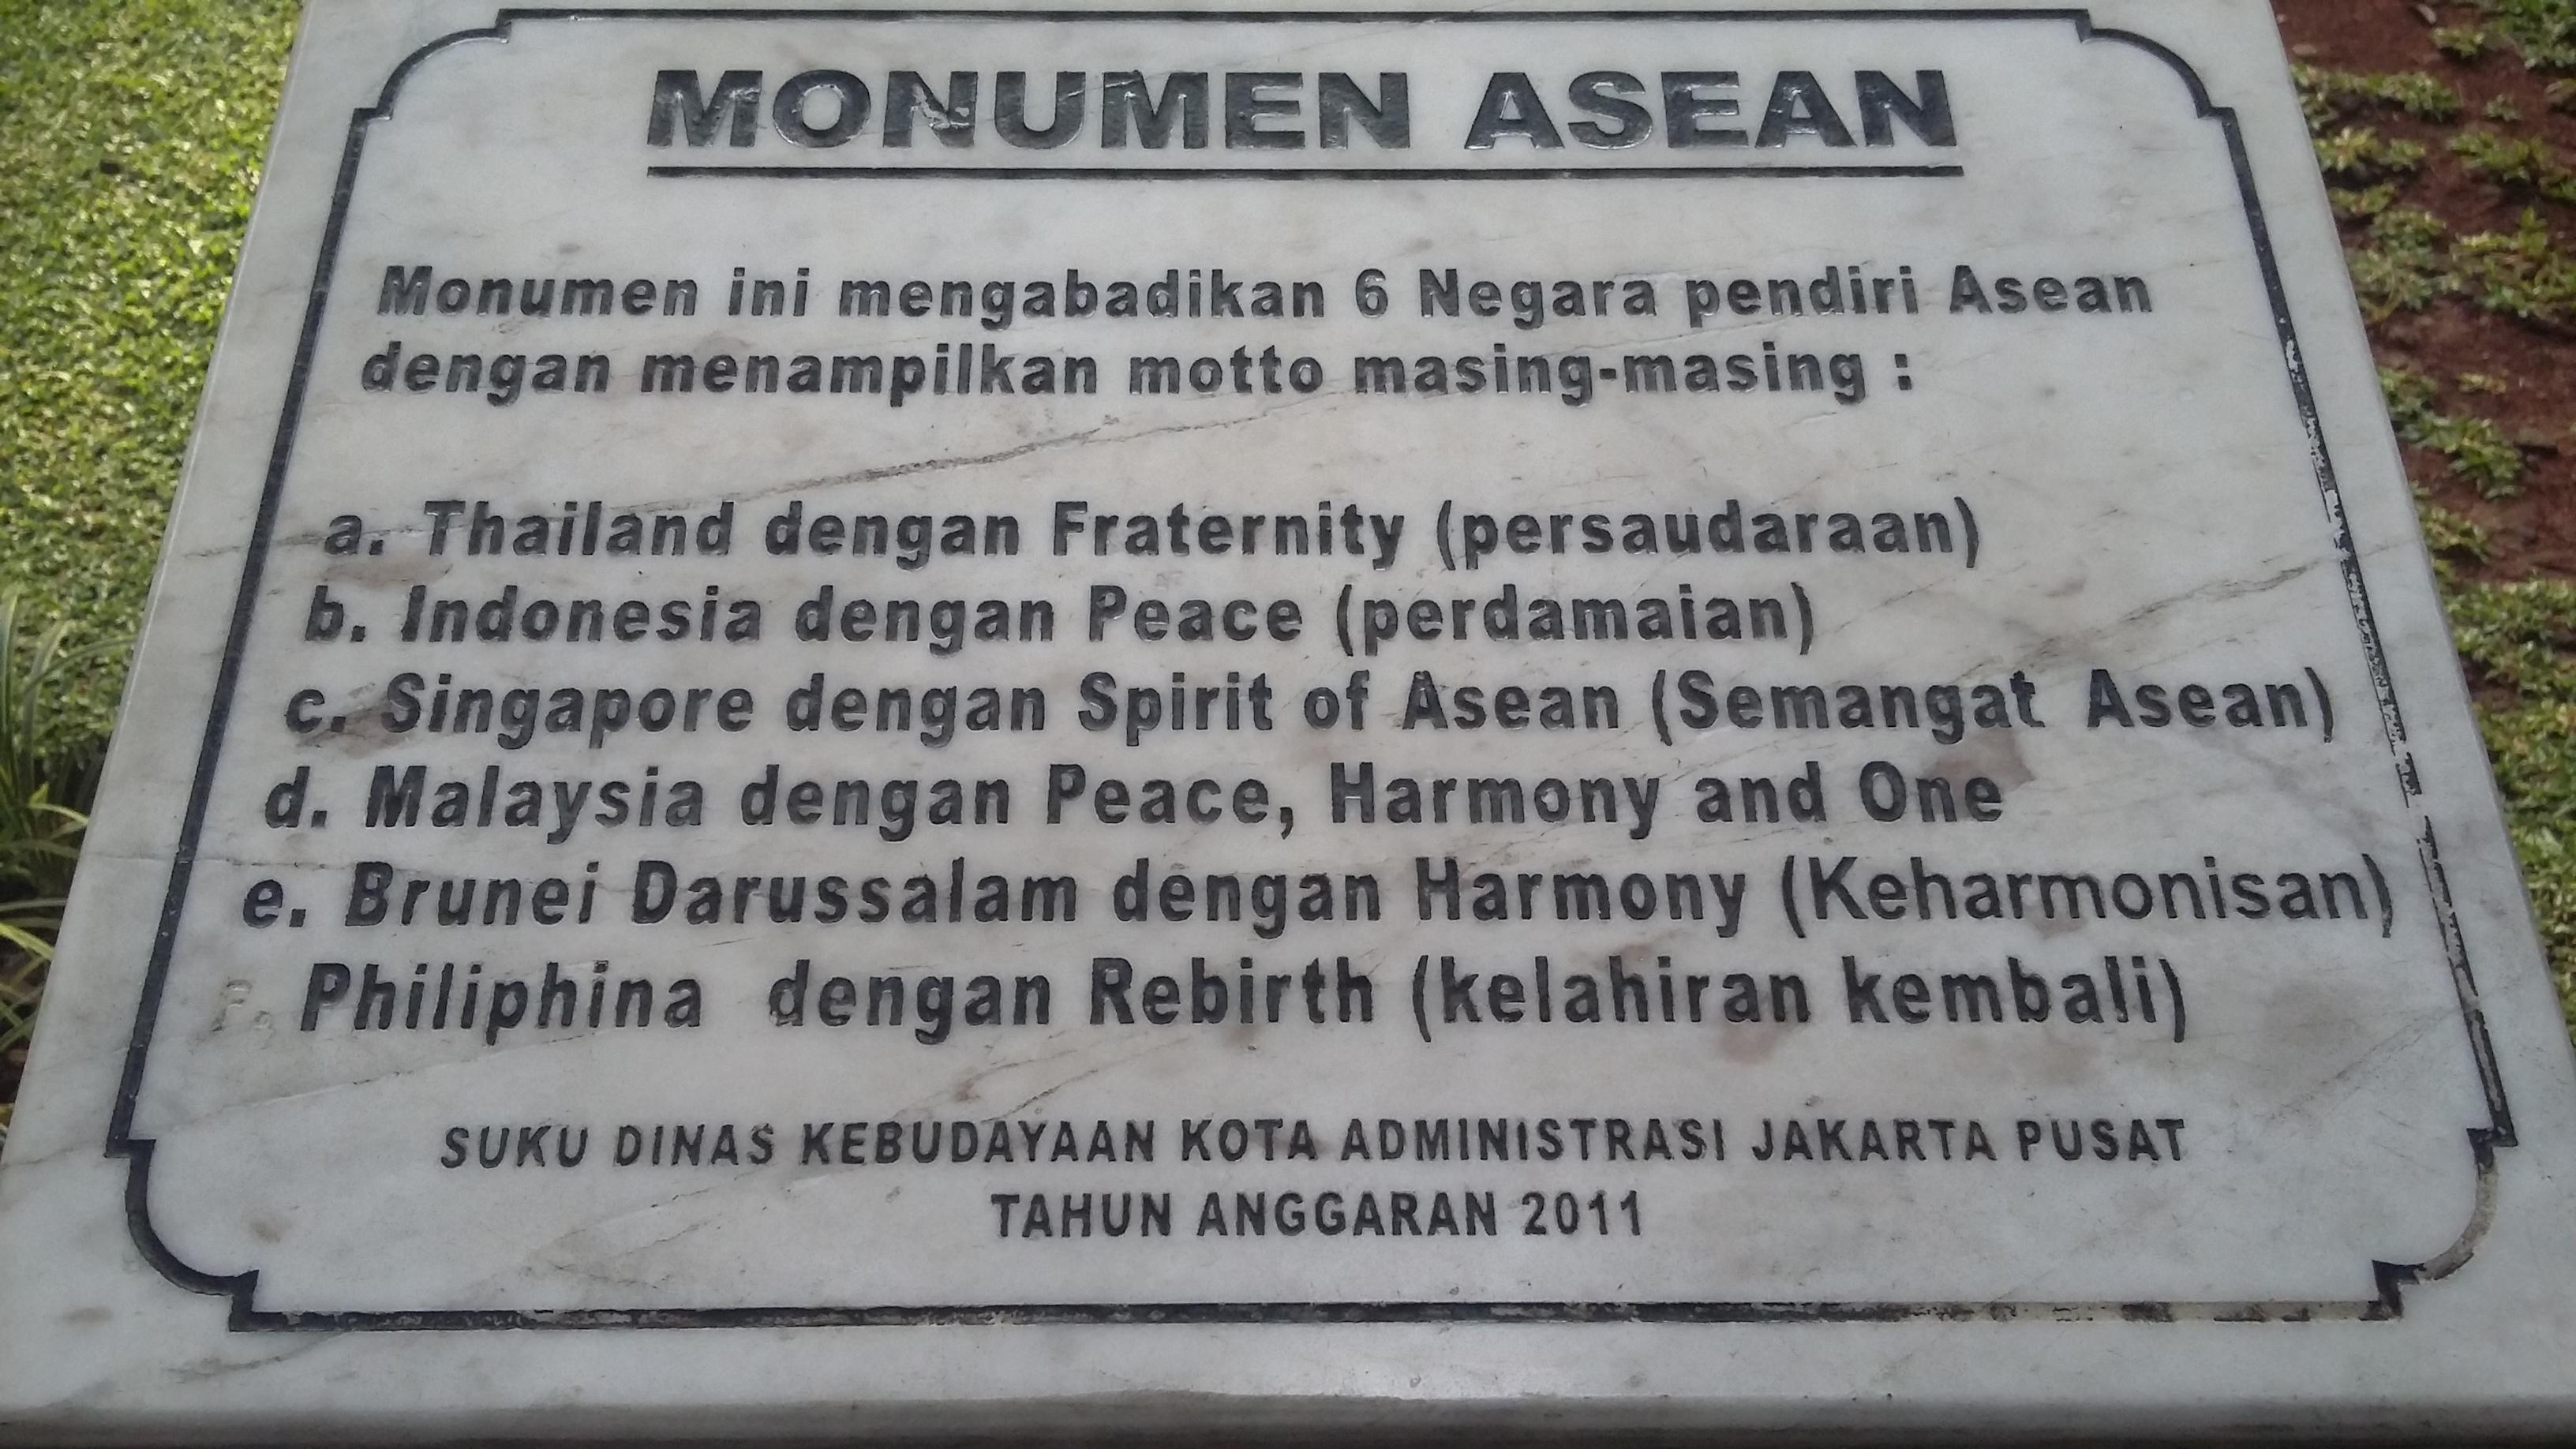 File Monumen Asean Taman Suropati Jpg Wikimedia Commons Kota Administrasi